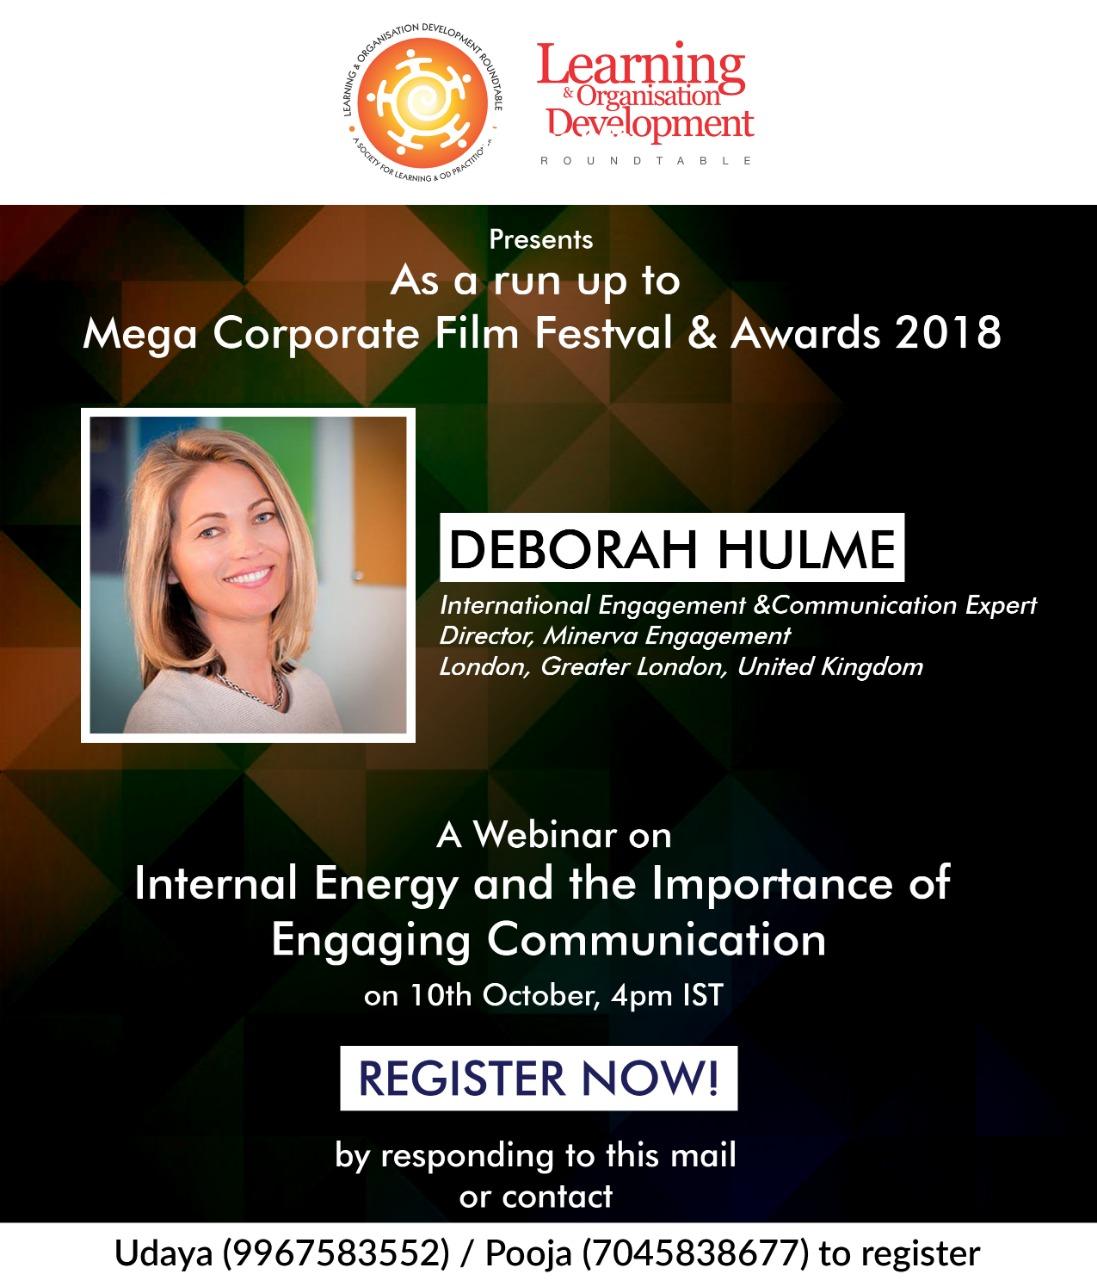 Webinar by International Speaker Deborah Hulme